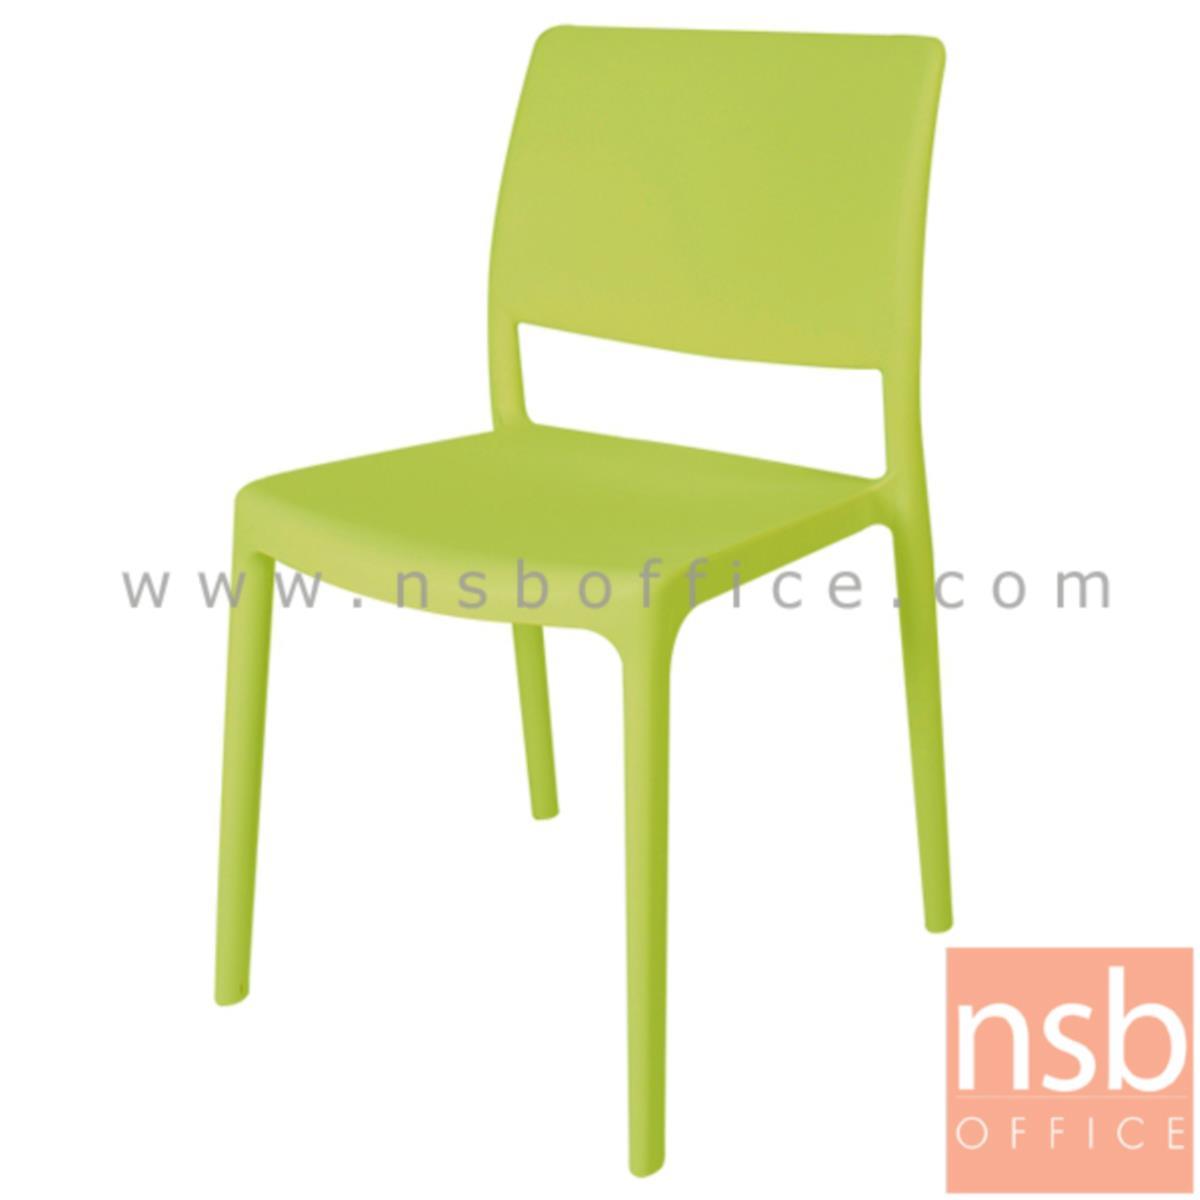 เก้าอี้โมเดิร์นพลาสติก รุ่น PI-NG75 ขนาด 46W cm.